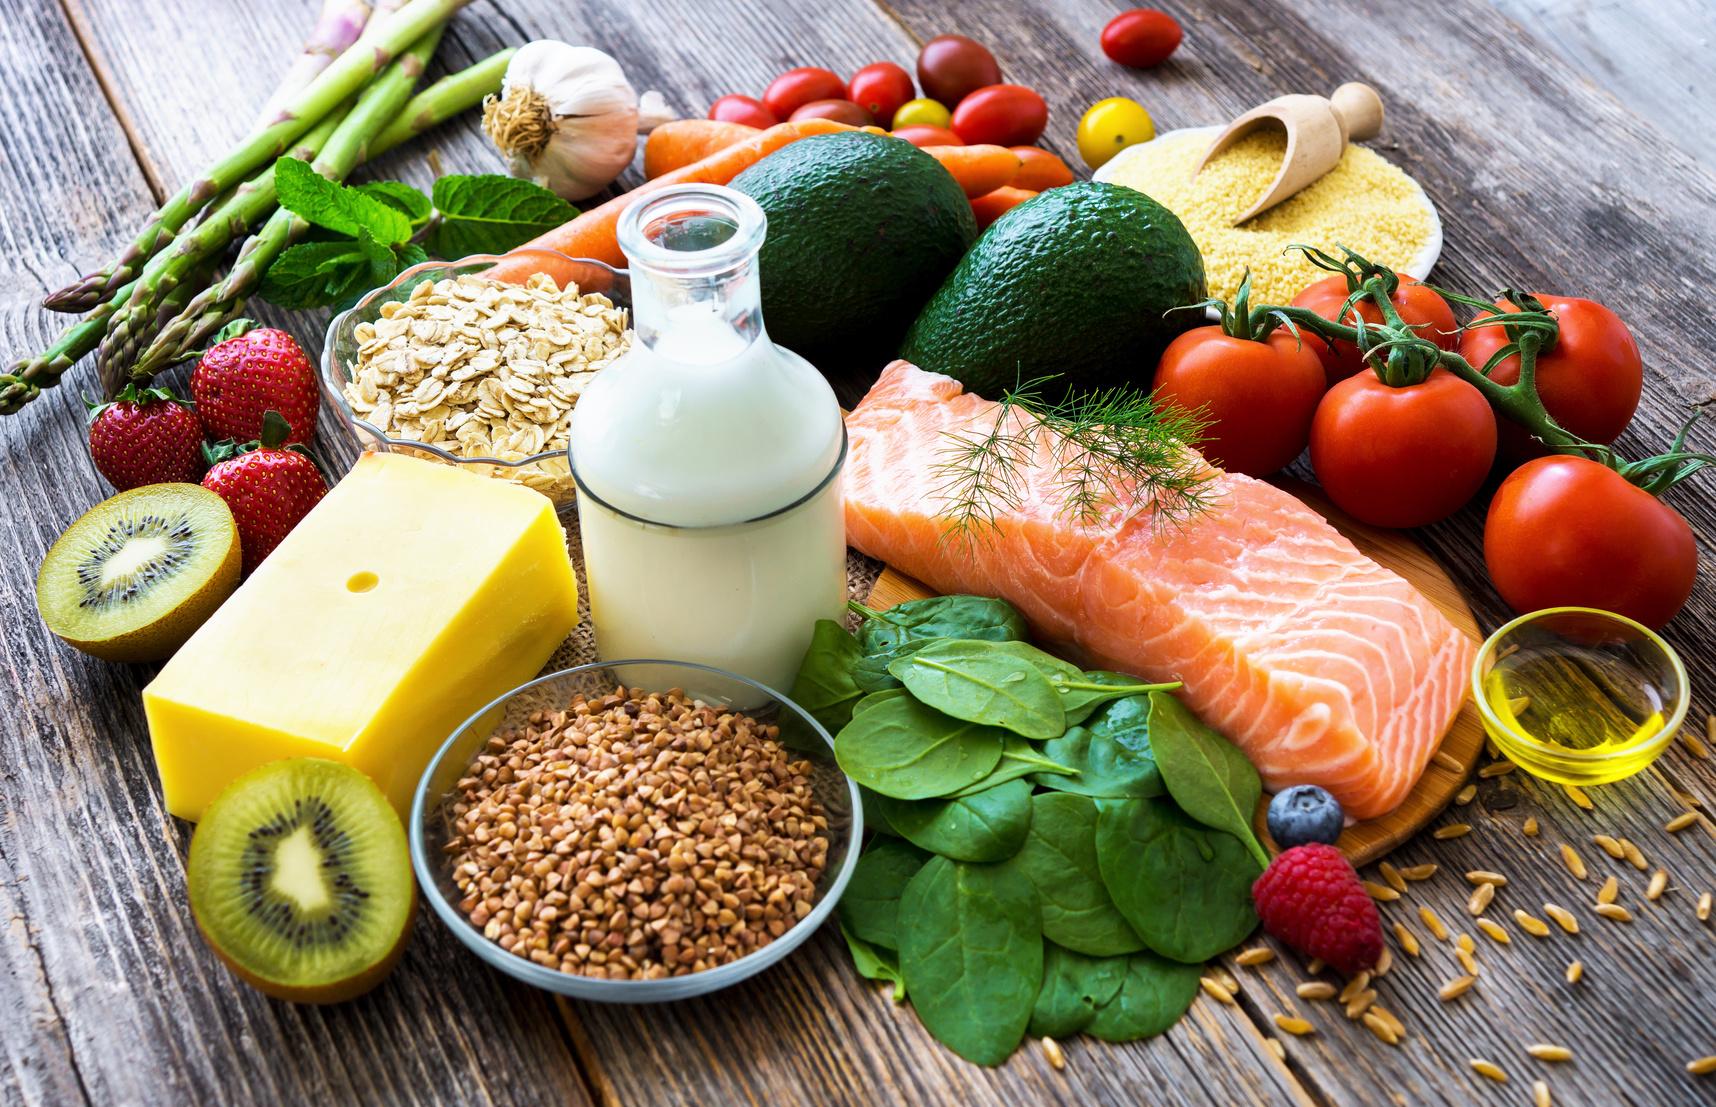 Conserver ses aliments sans frigo - Menu pour manger sainement ...